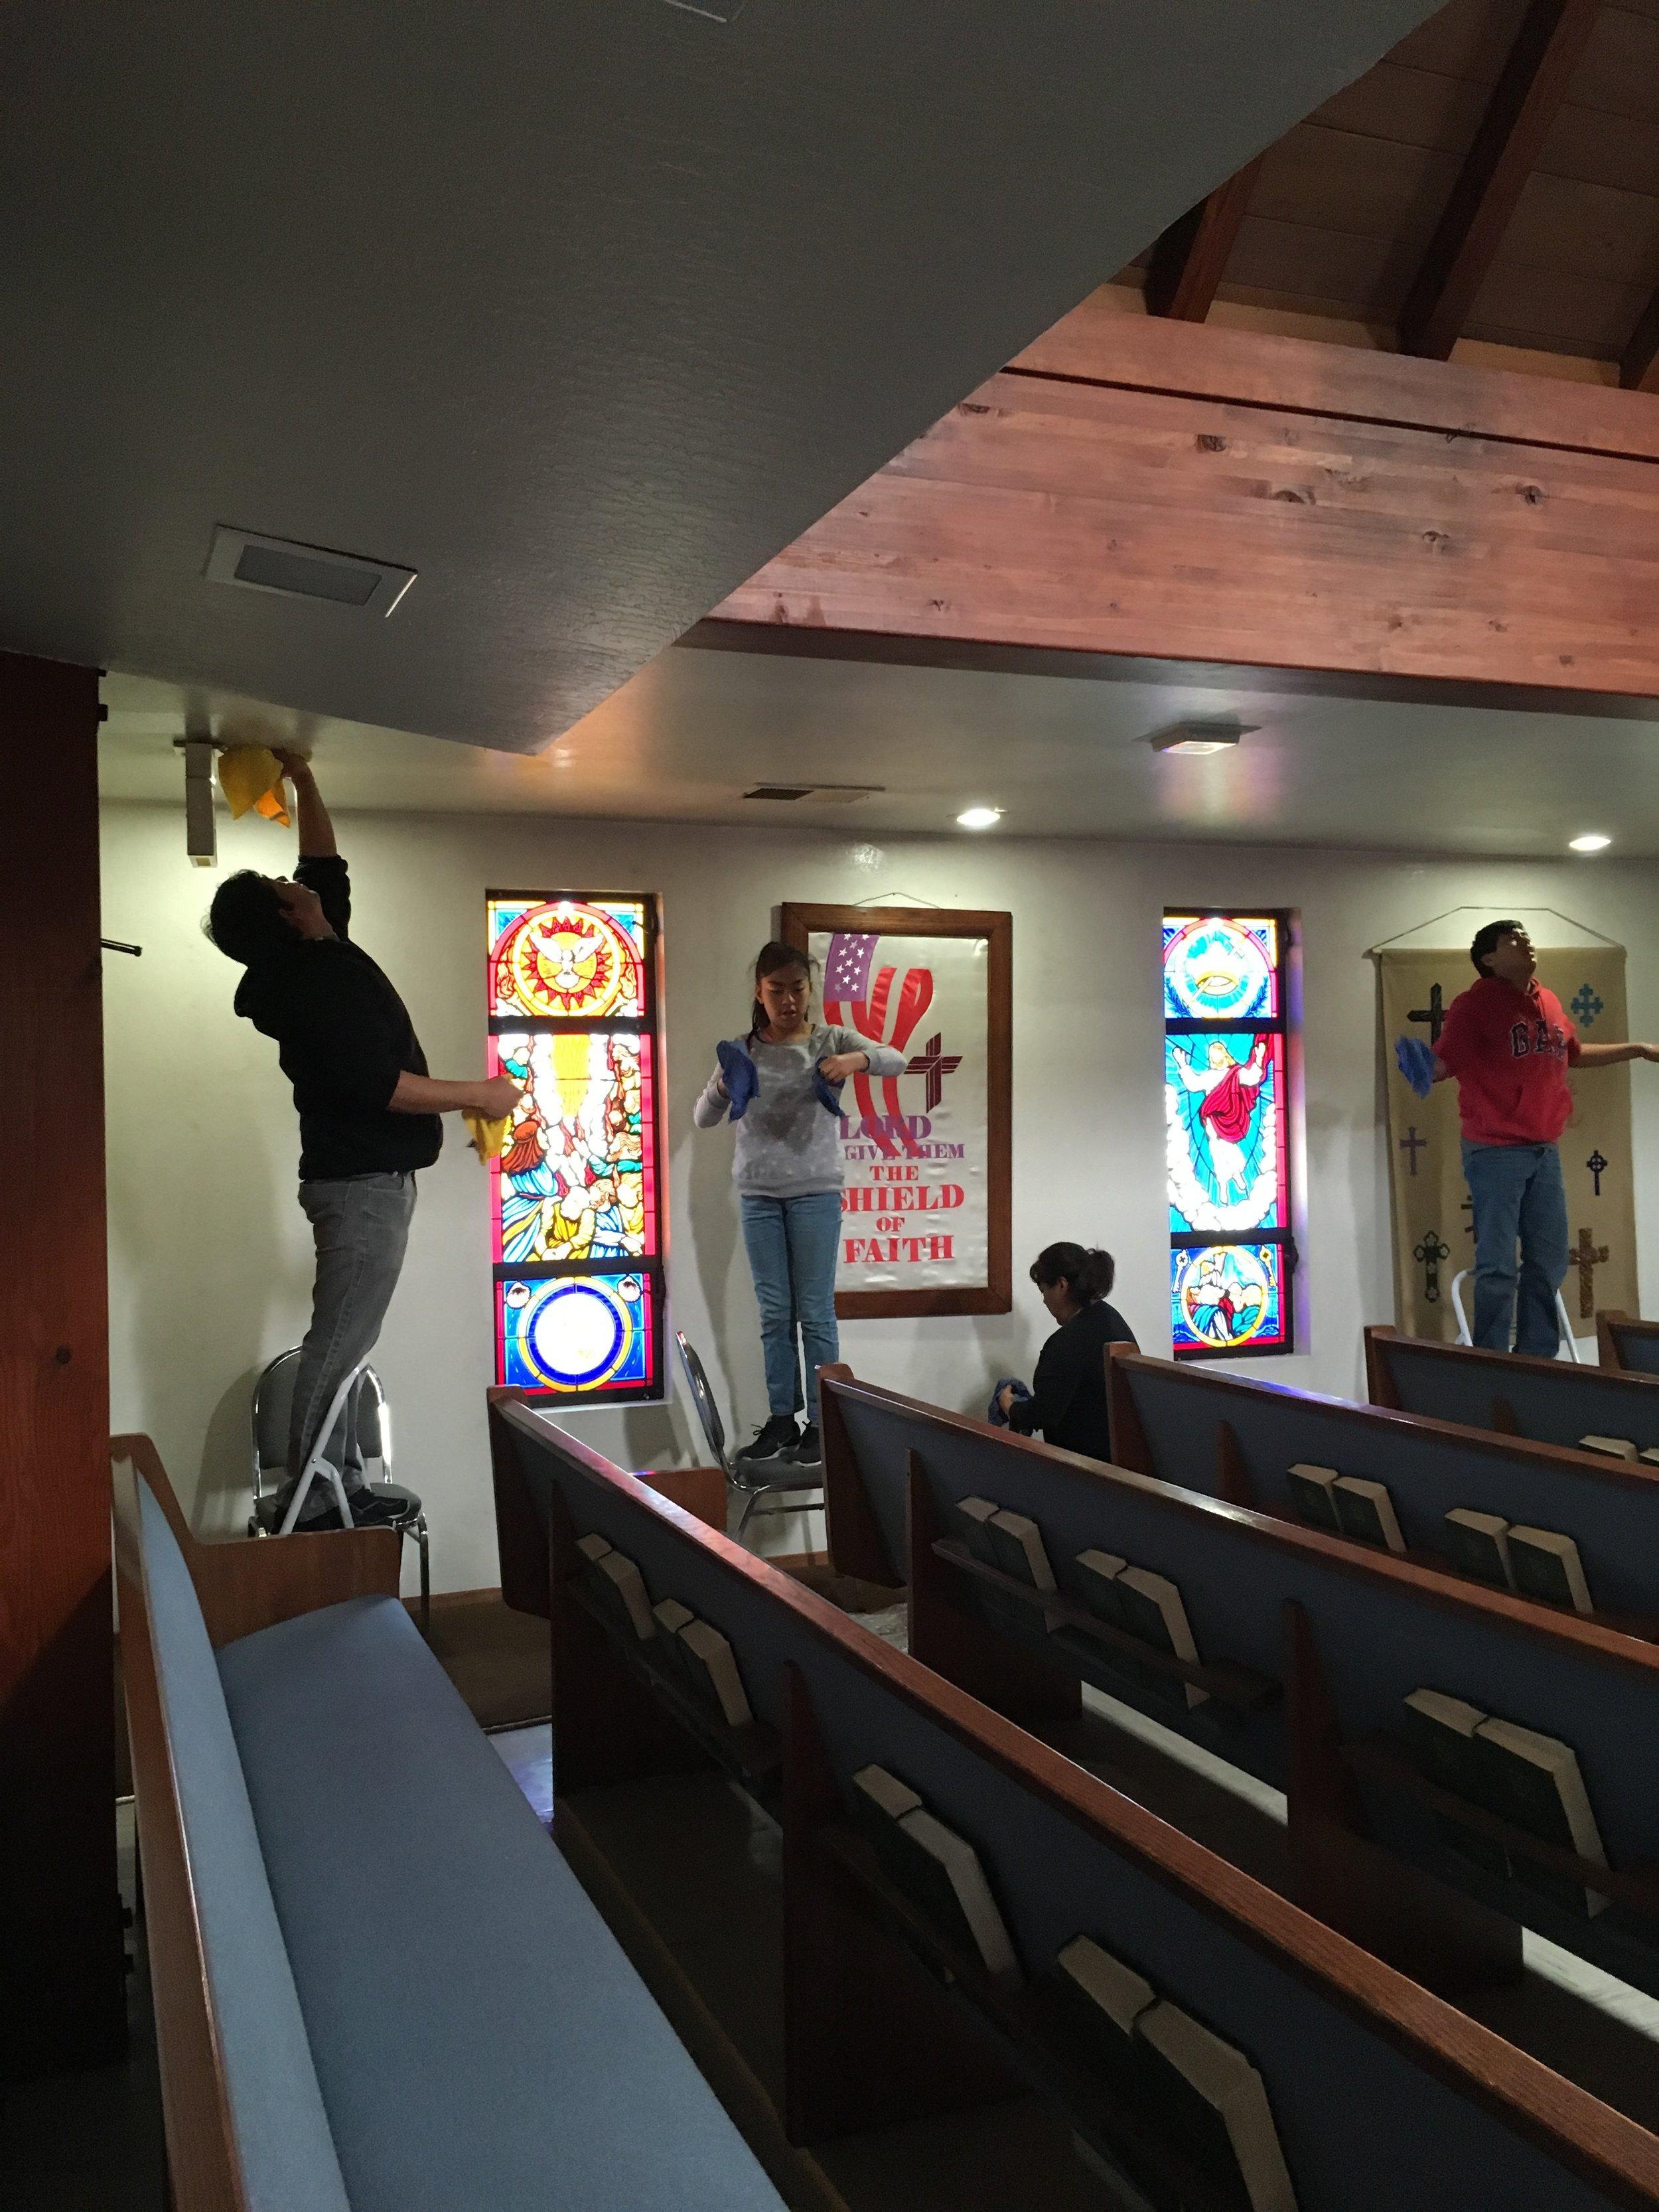 Iglesia Encuentro con Dios ayuda también